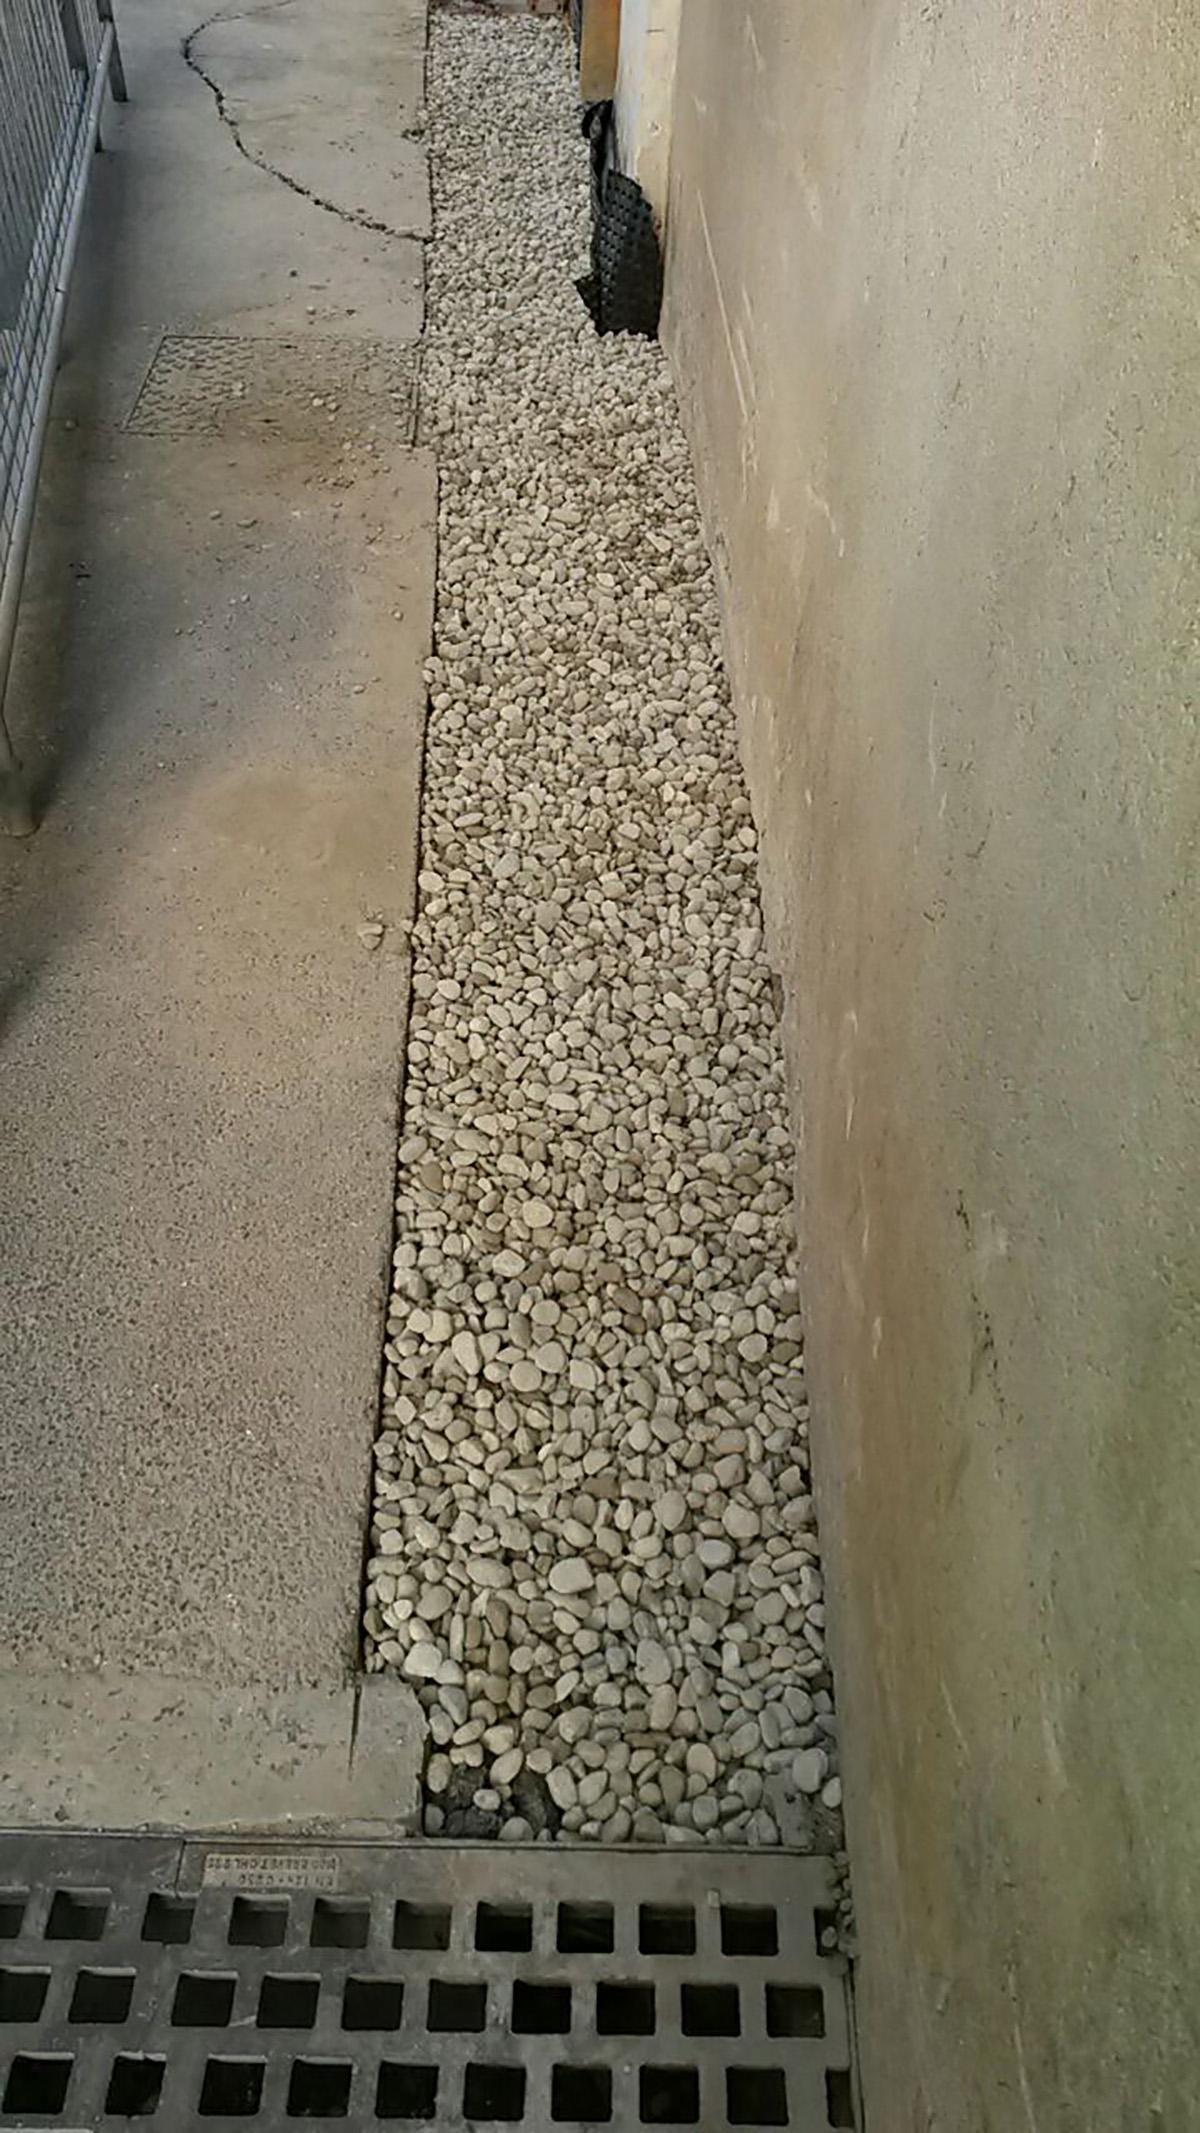 Perico-Renato-Zandobbio (BG) - Via Della Costa - Residenza 22